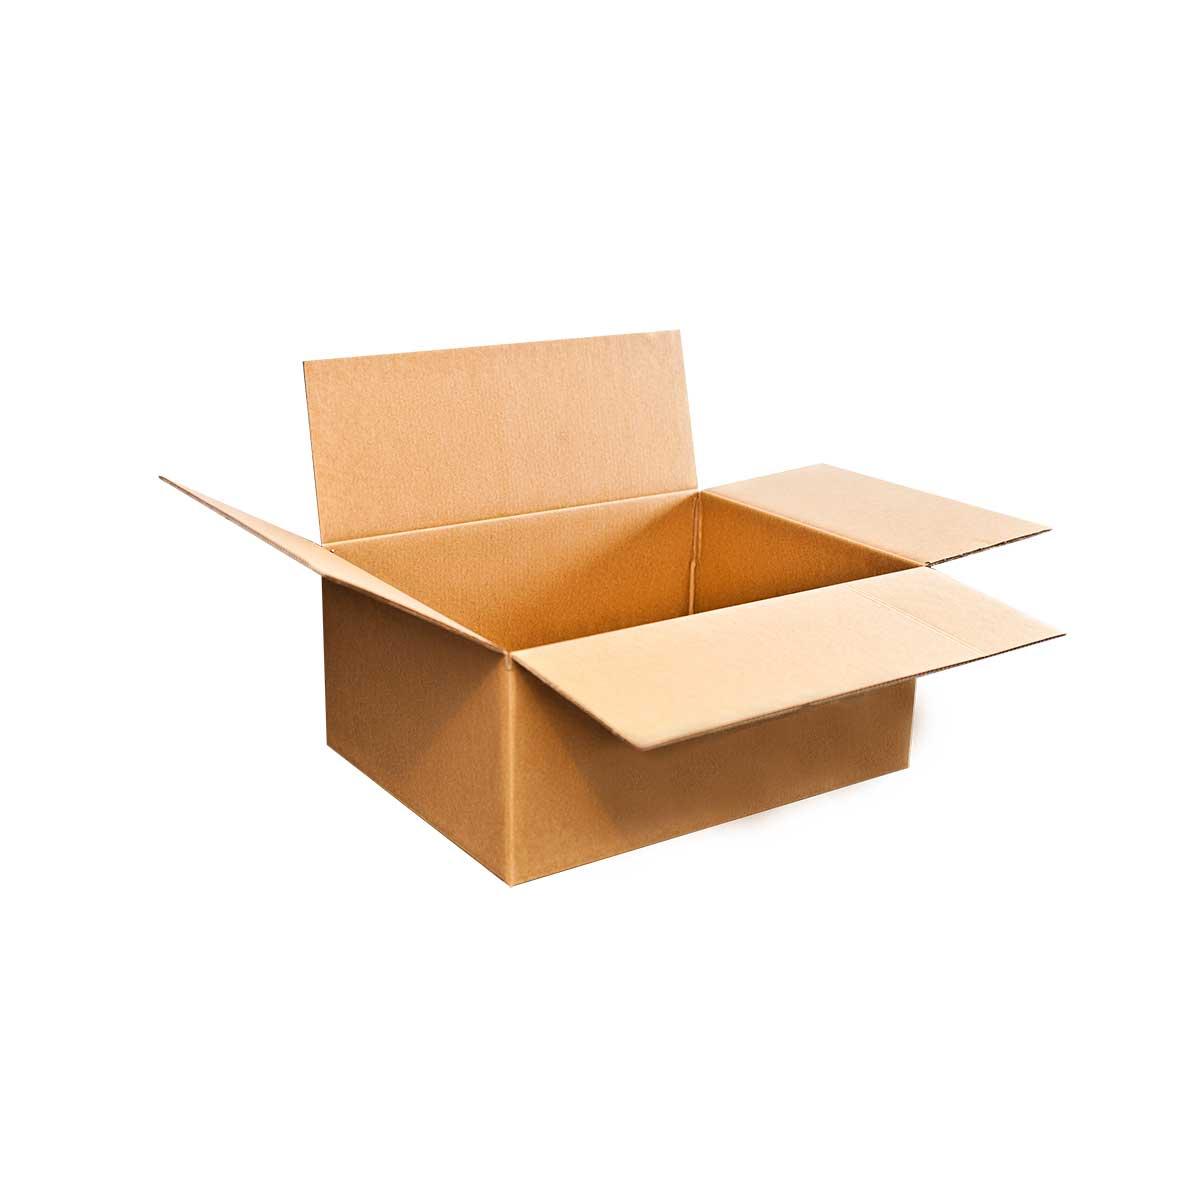 Cajas americanas de cart n con 1 onda for Cajas carton almacenaje